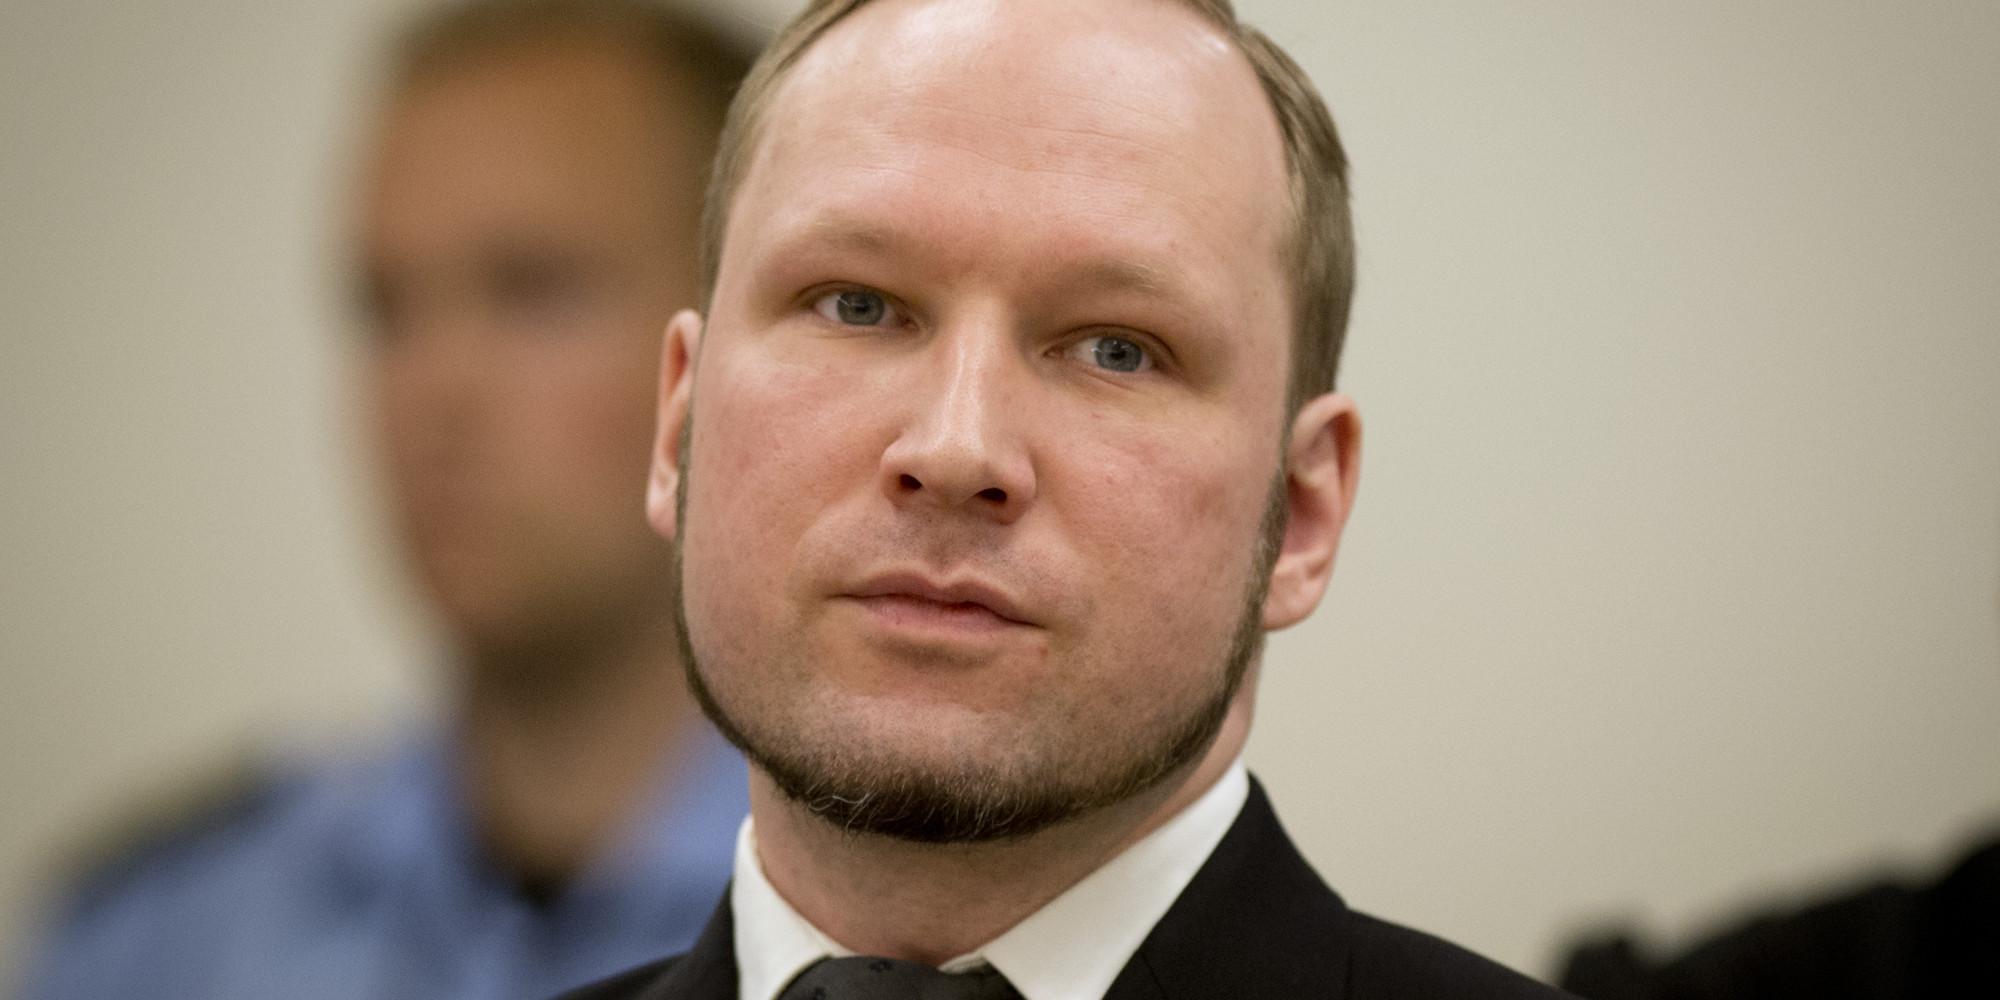 Breivik Photo: Norway Killer Anders Breivik Threatens Hunger Strike For